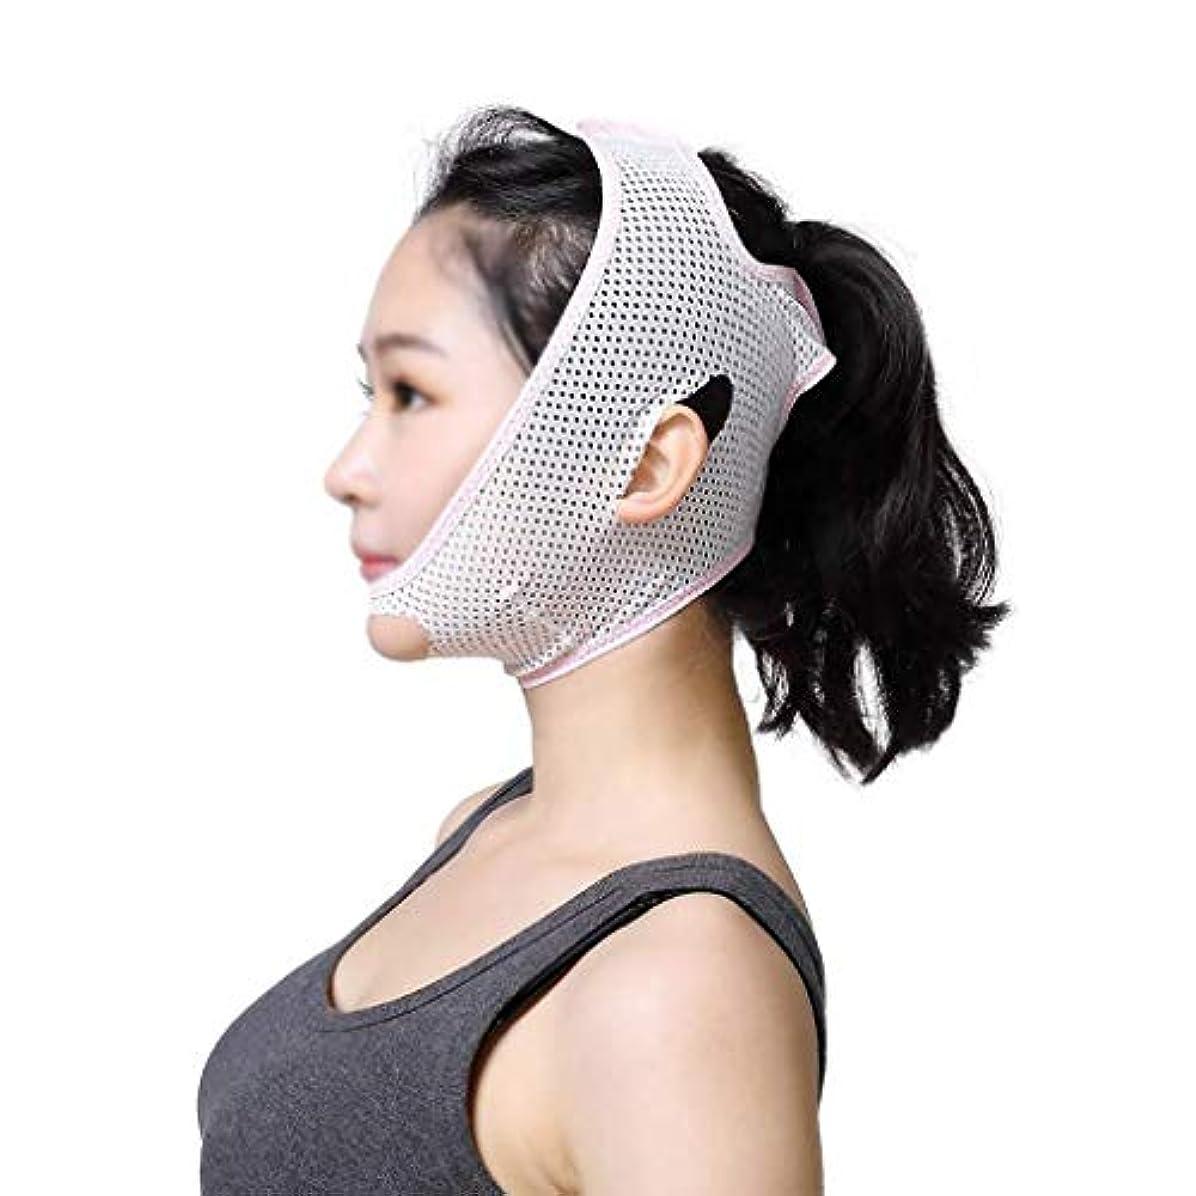 黙気付くアンカーチンストラップ フェイスリフトアーティファクト睡眠包帯ラインカービングポストフェイスビューティーマスクとダブルチン男性と女性のフェイスリフトフェイシャル(サイズ:M)